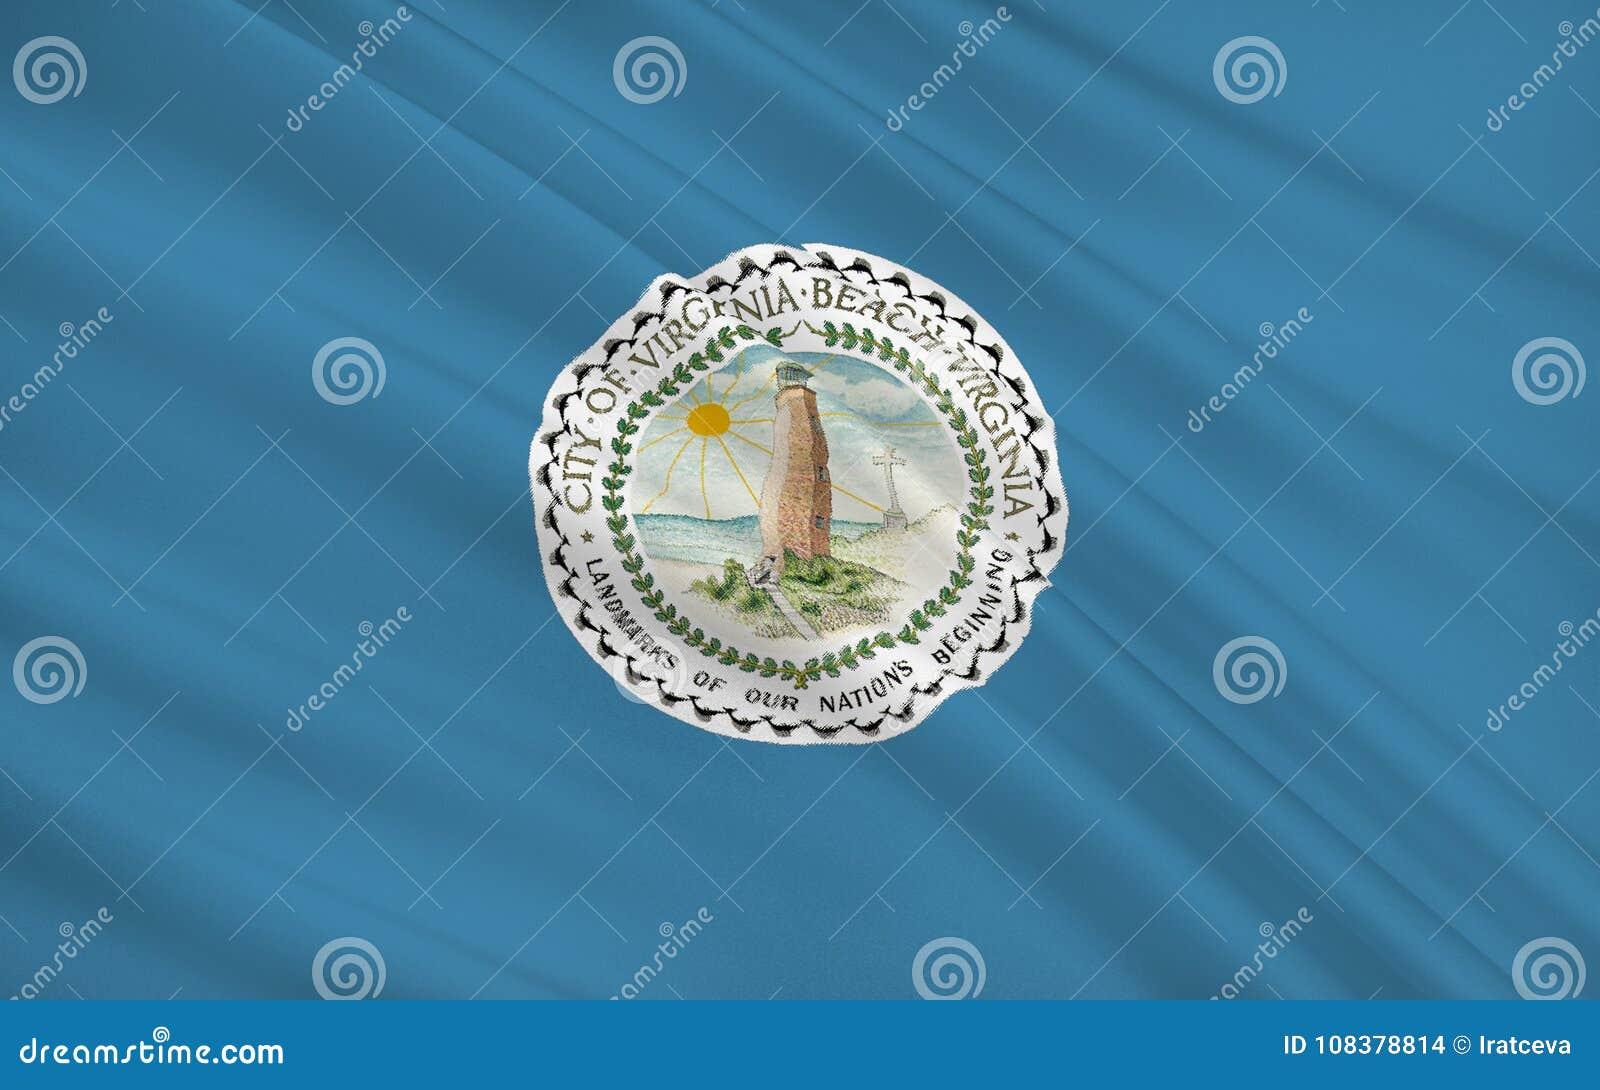 Indique la bandera de Virginia Beach - una ciudad en los Estados Unidos, lugares geométricos